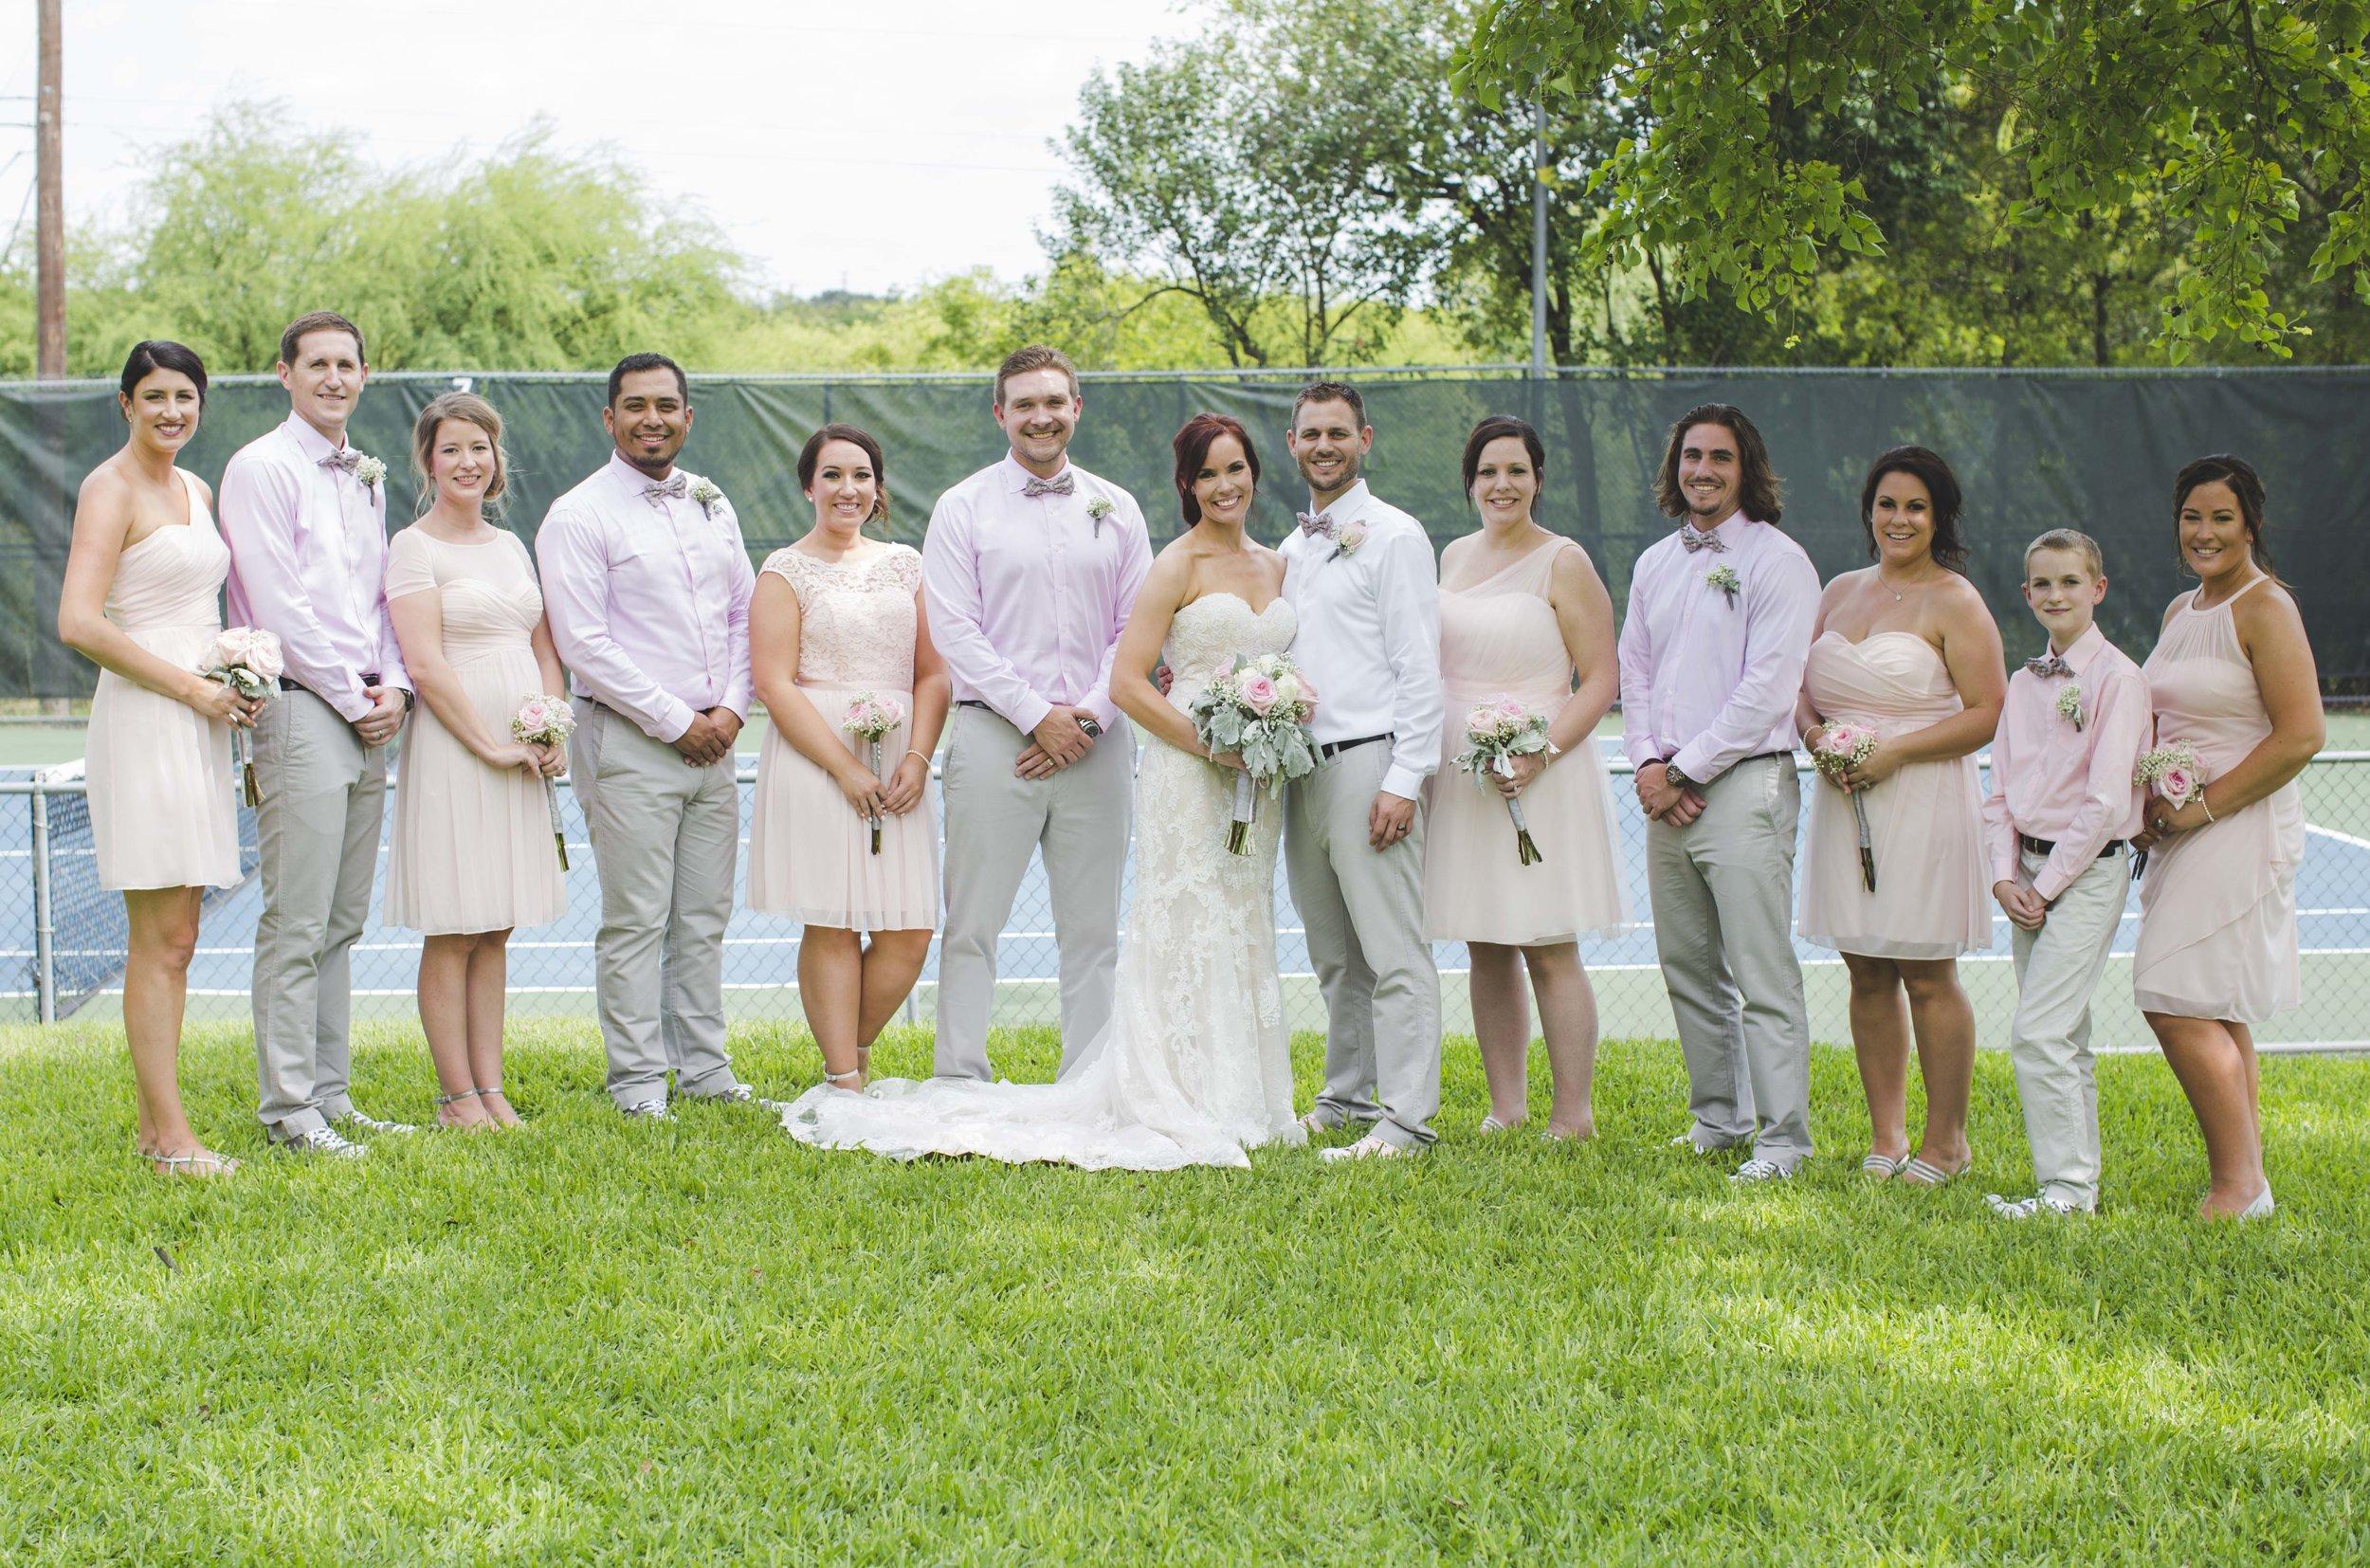 ATGI_Susanna & Matt Wedding_717A8225.jpg